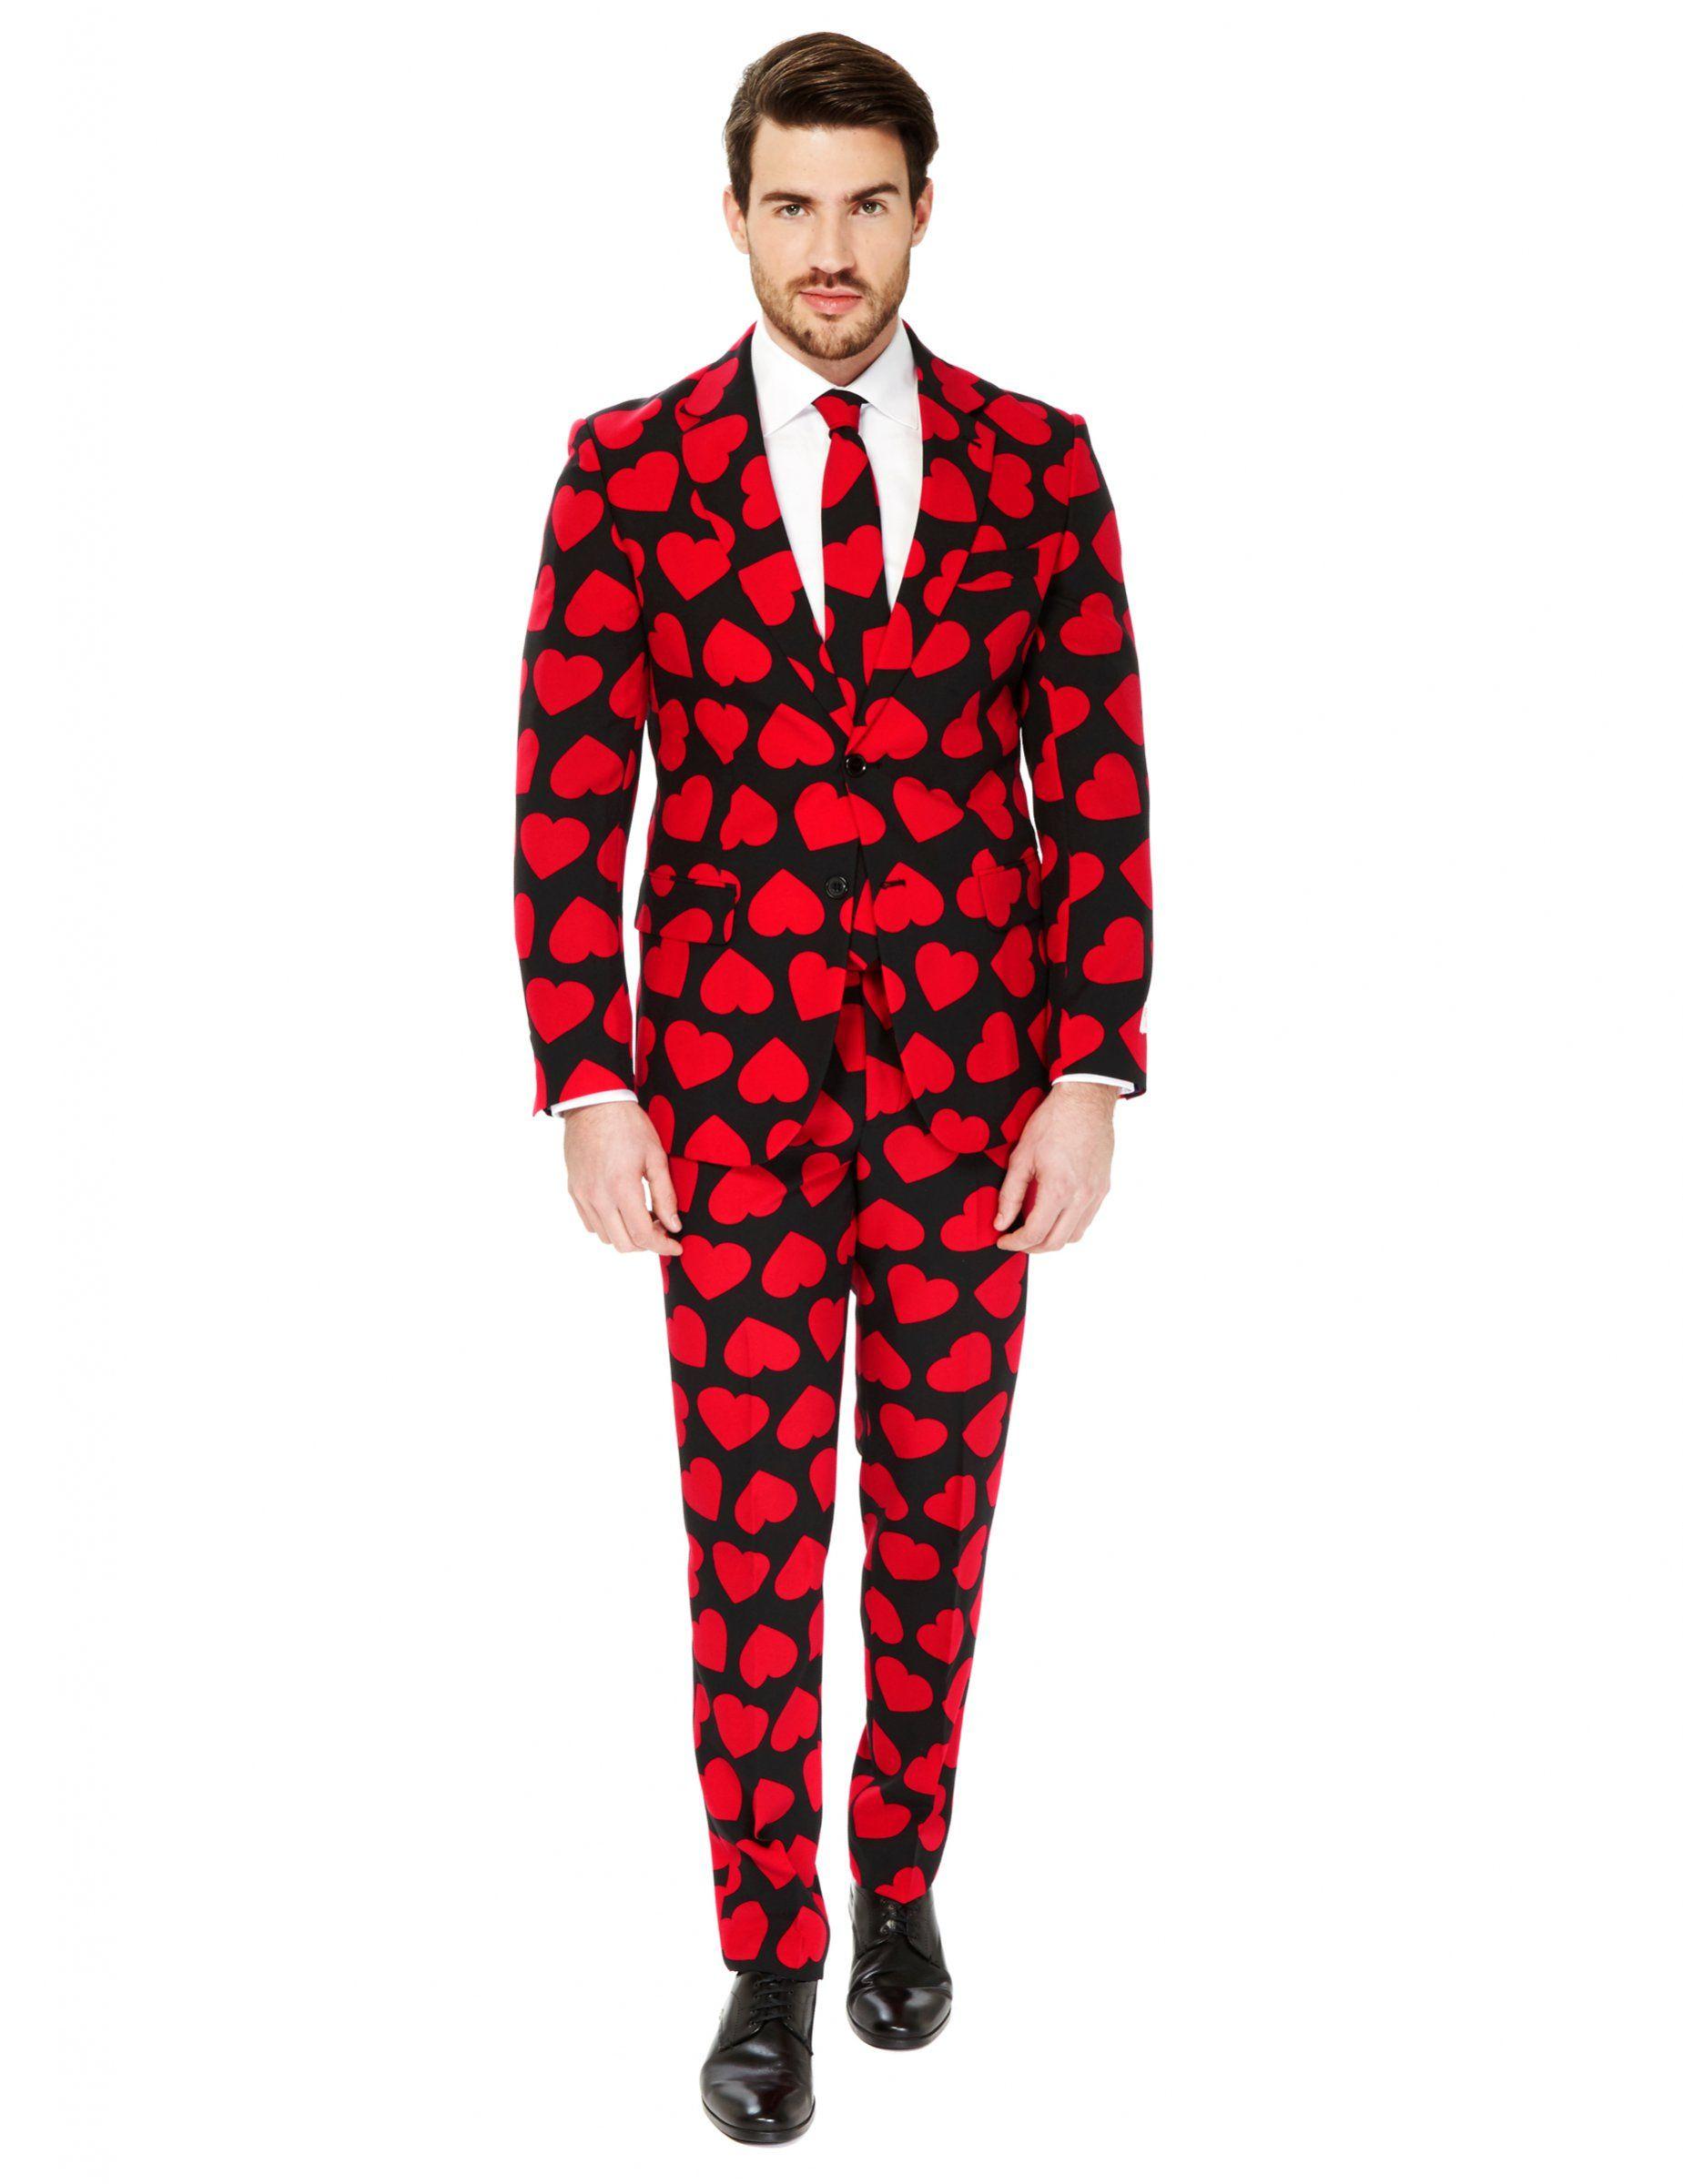 King of Hearts von Opposuits - schwarz rot  4bd4902c2a7